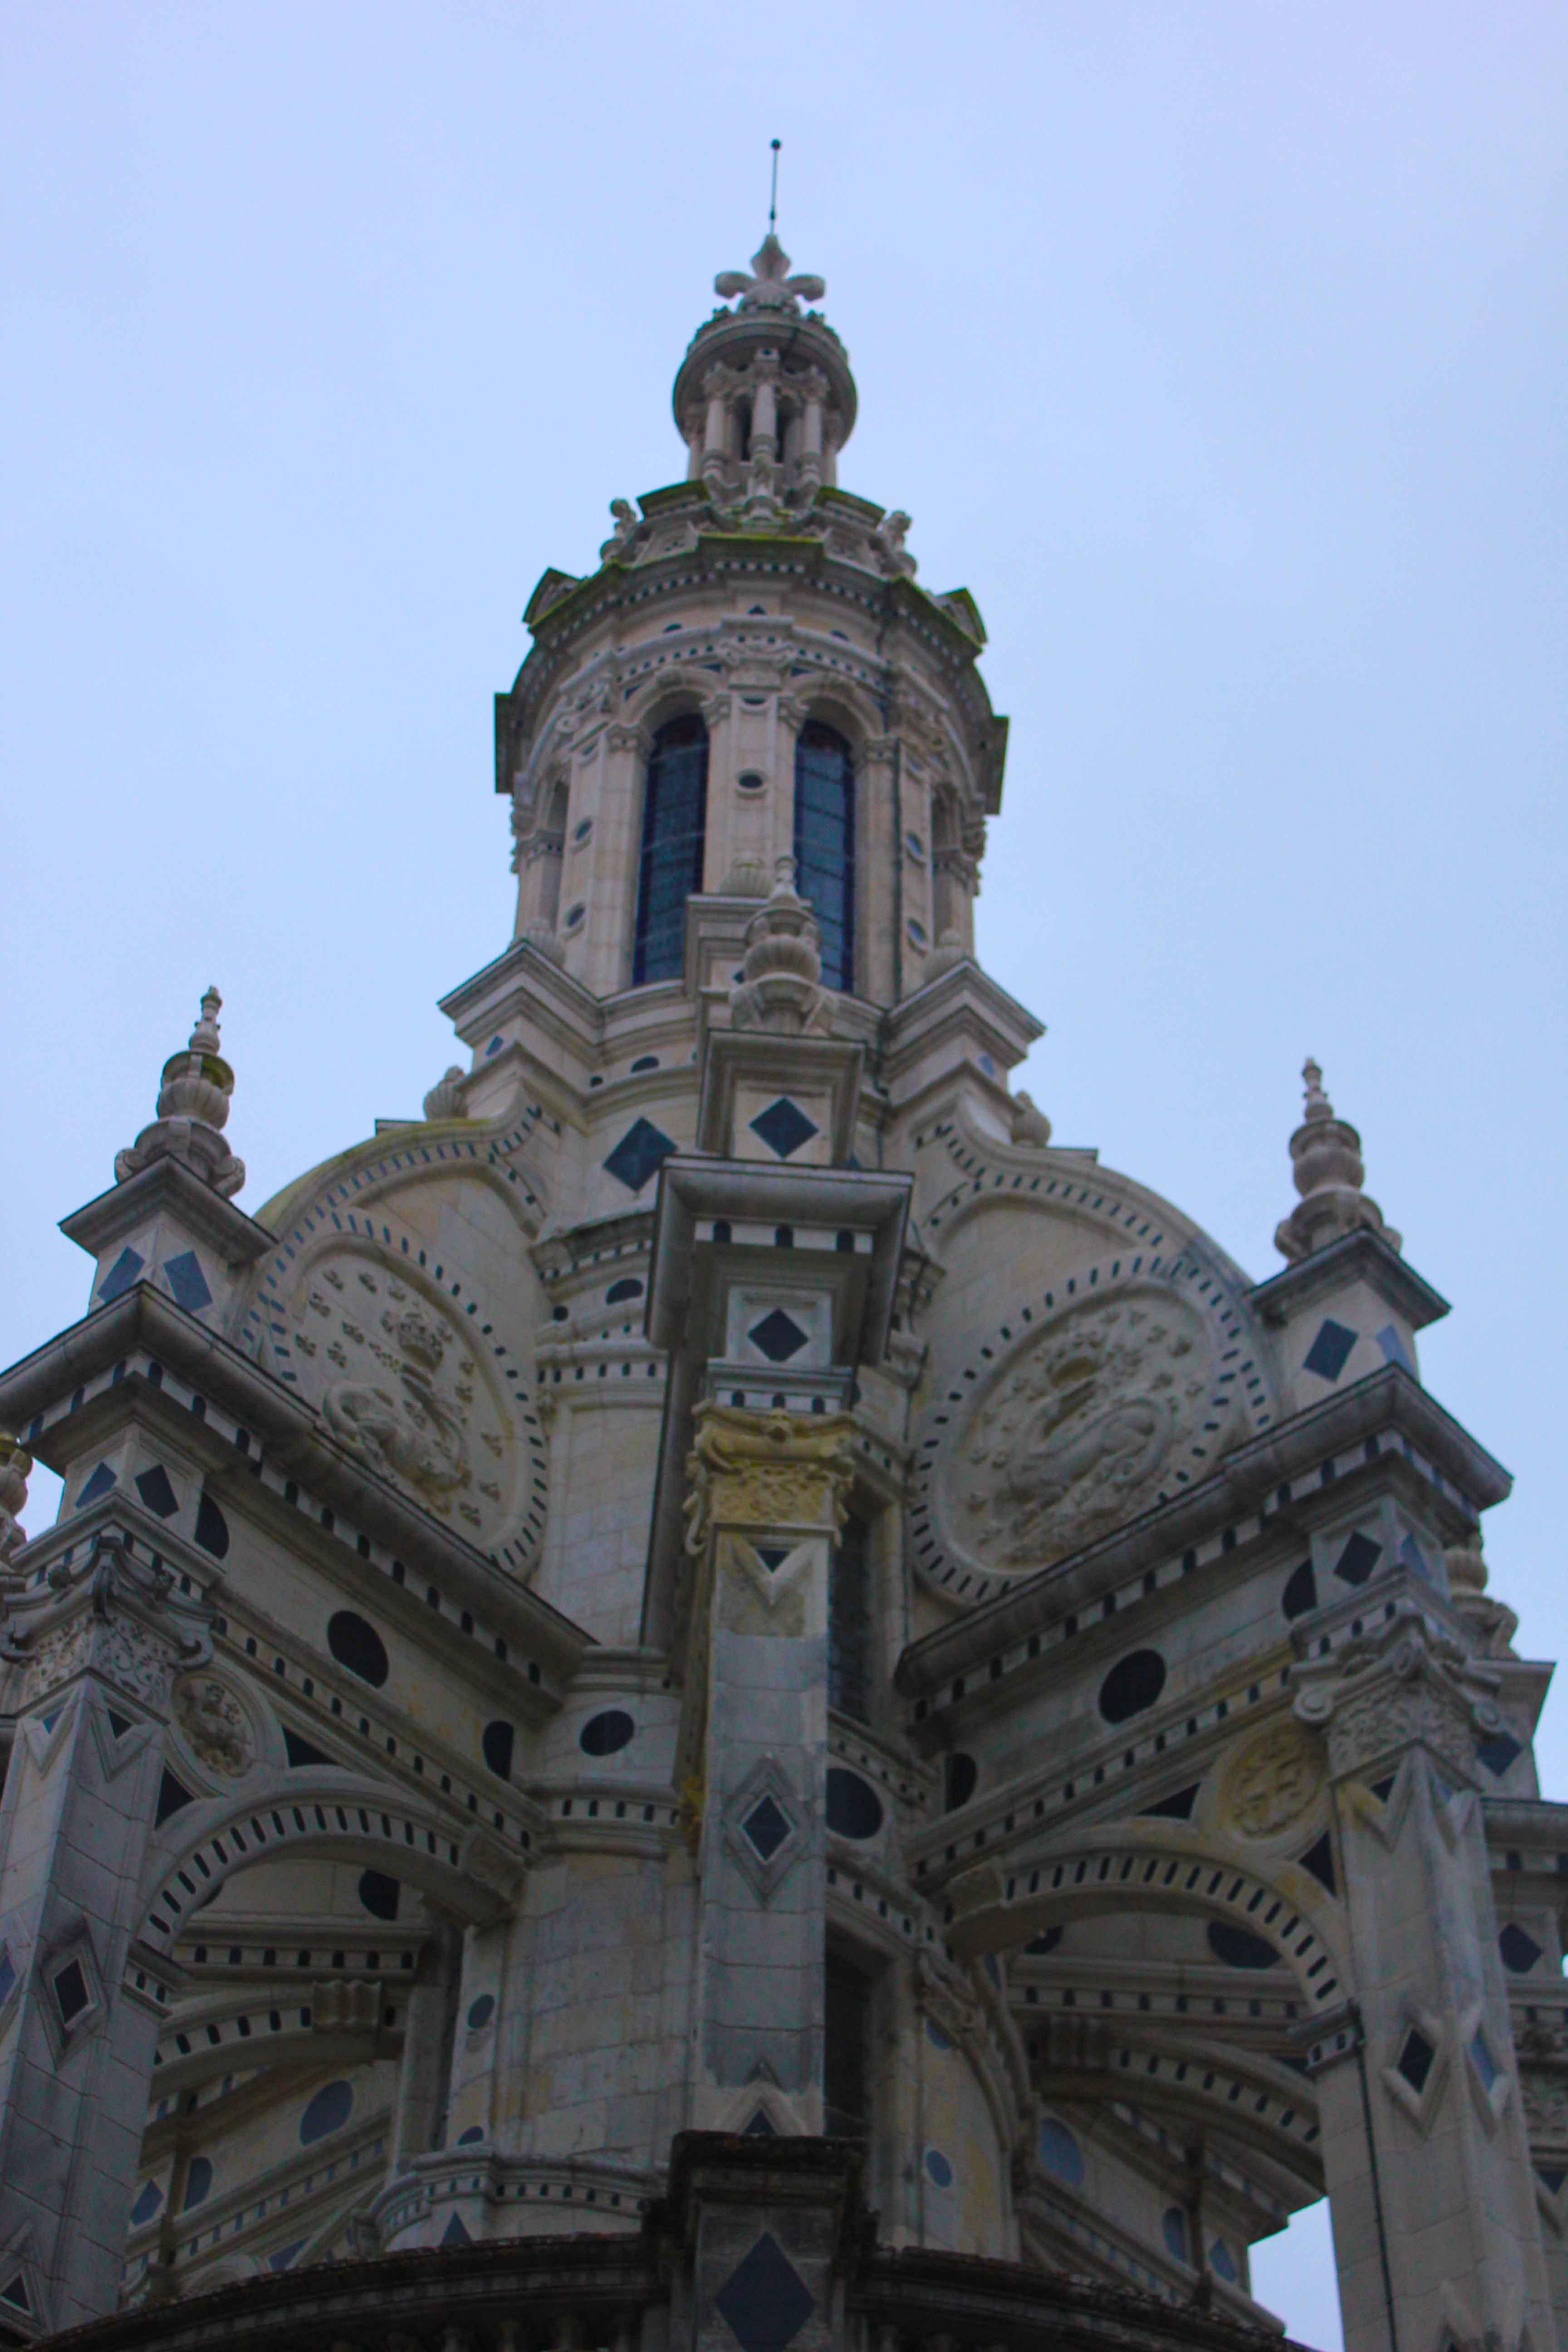 Detalhe da torre do Castelo de Chambord